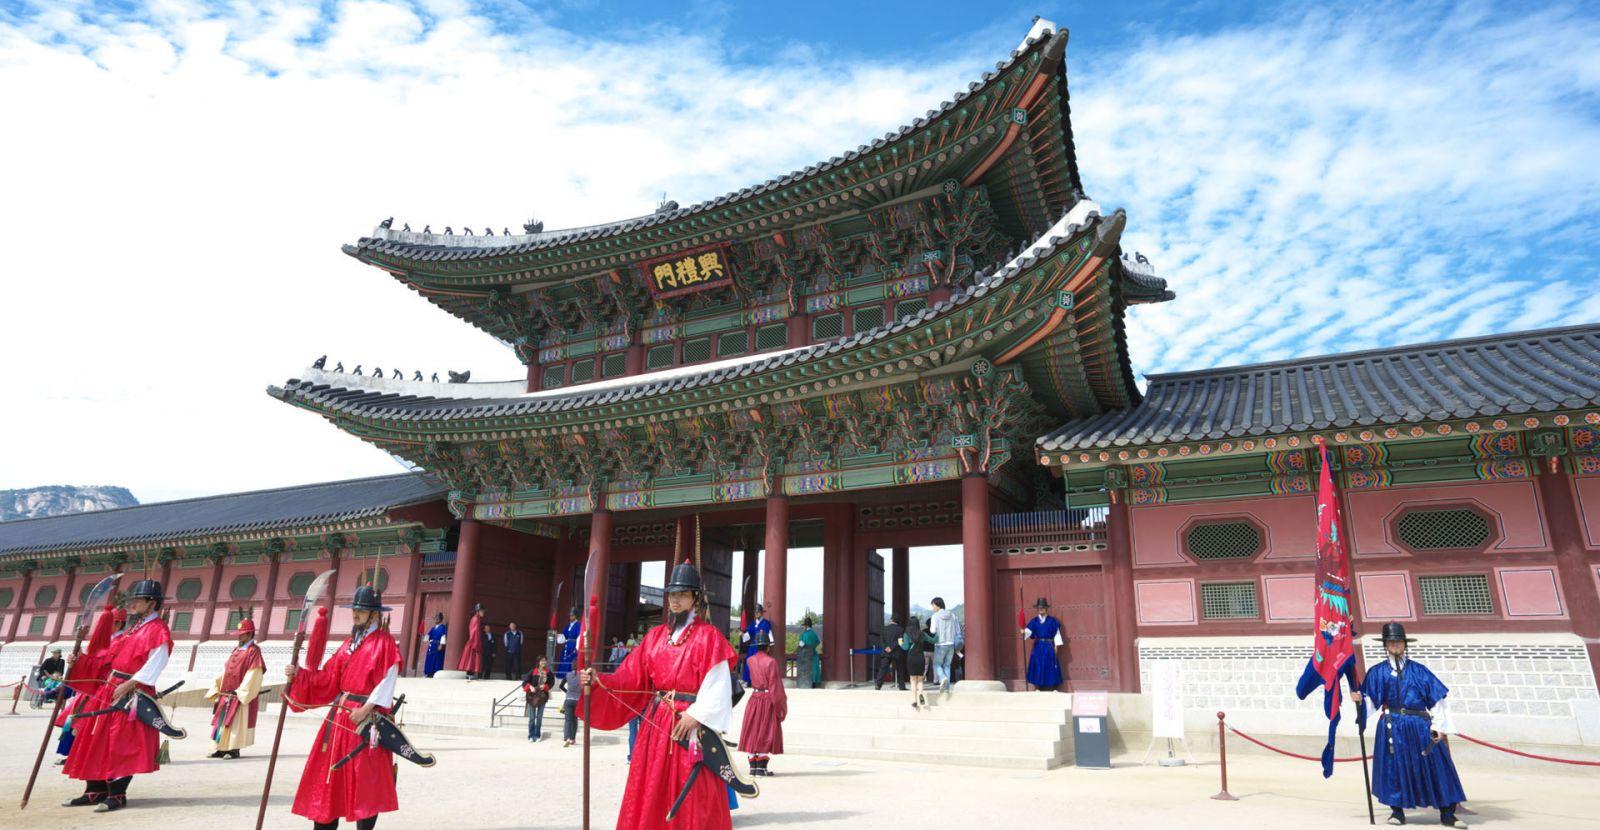 Kết quả hình ảnh cho Cung điện Gyeongbok